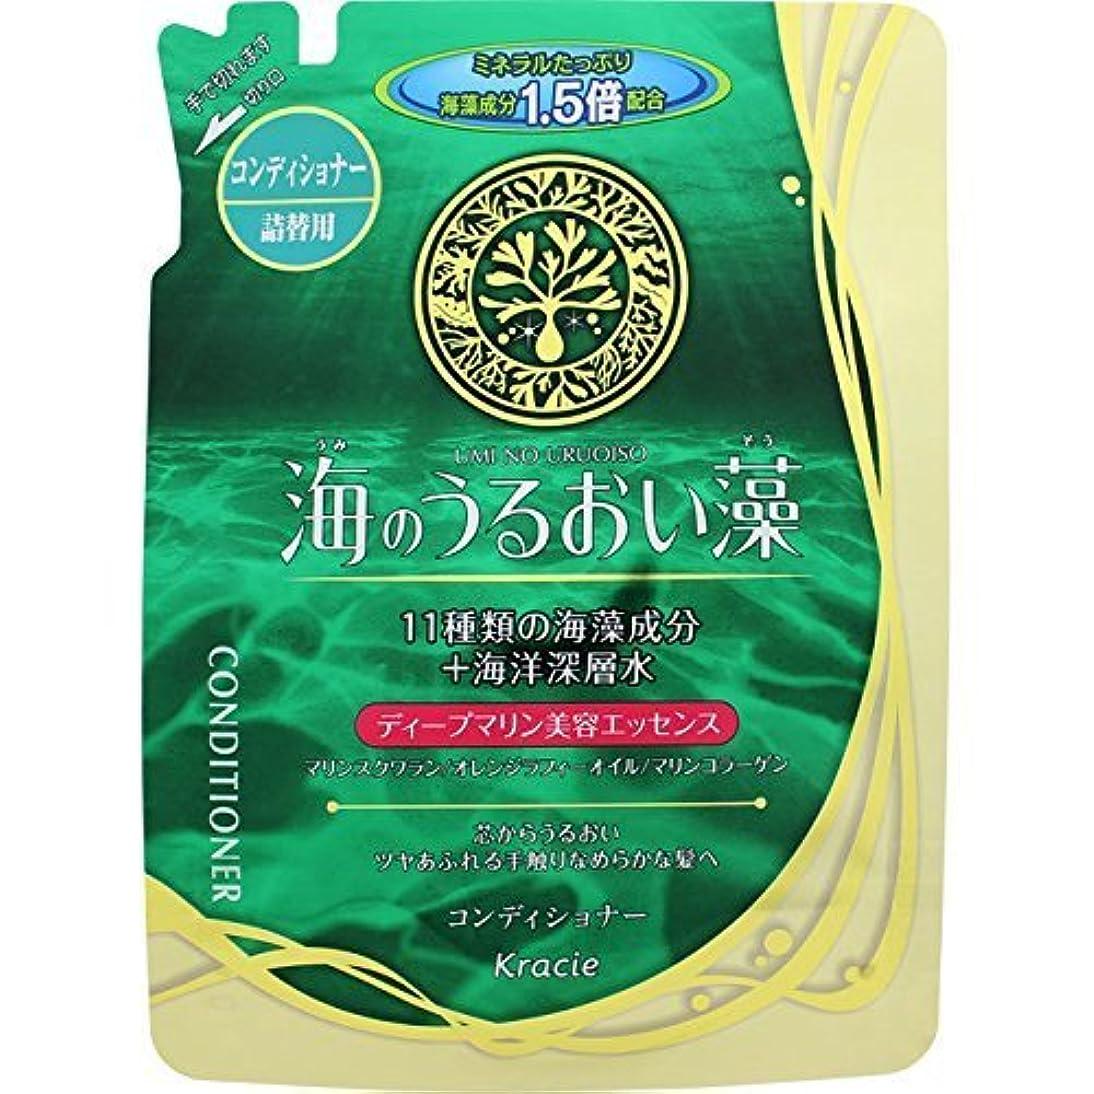 【クラシエ】海のうるおい藻 コンディショナー 詰替用 420ml※お取り寄せ【NT】 ×5個セット